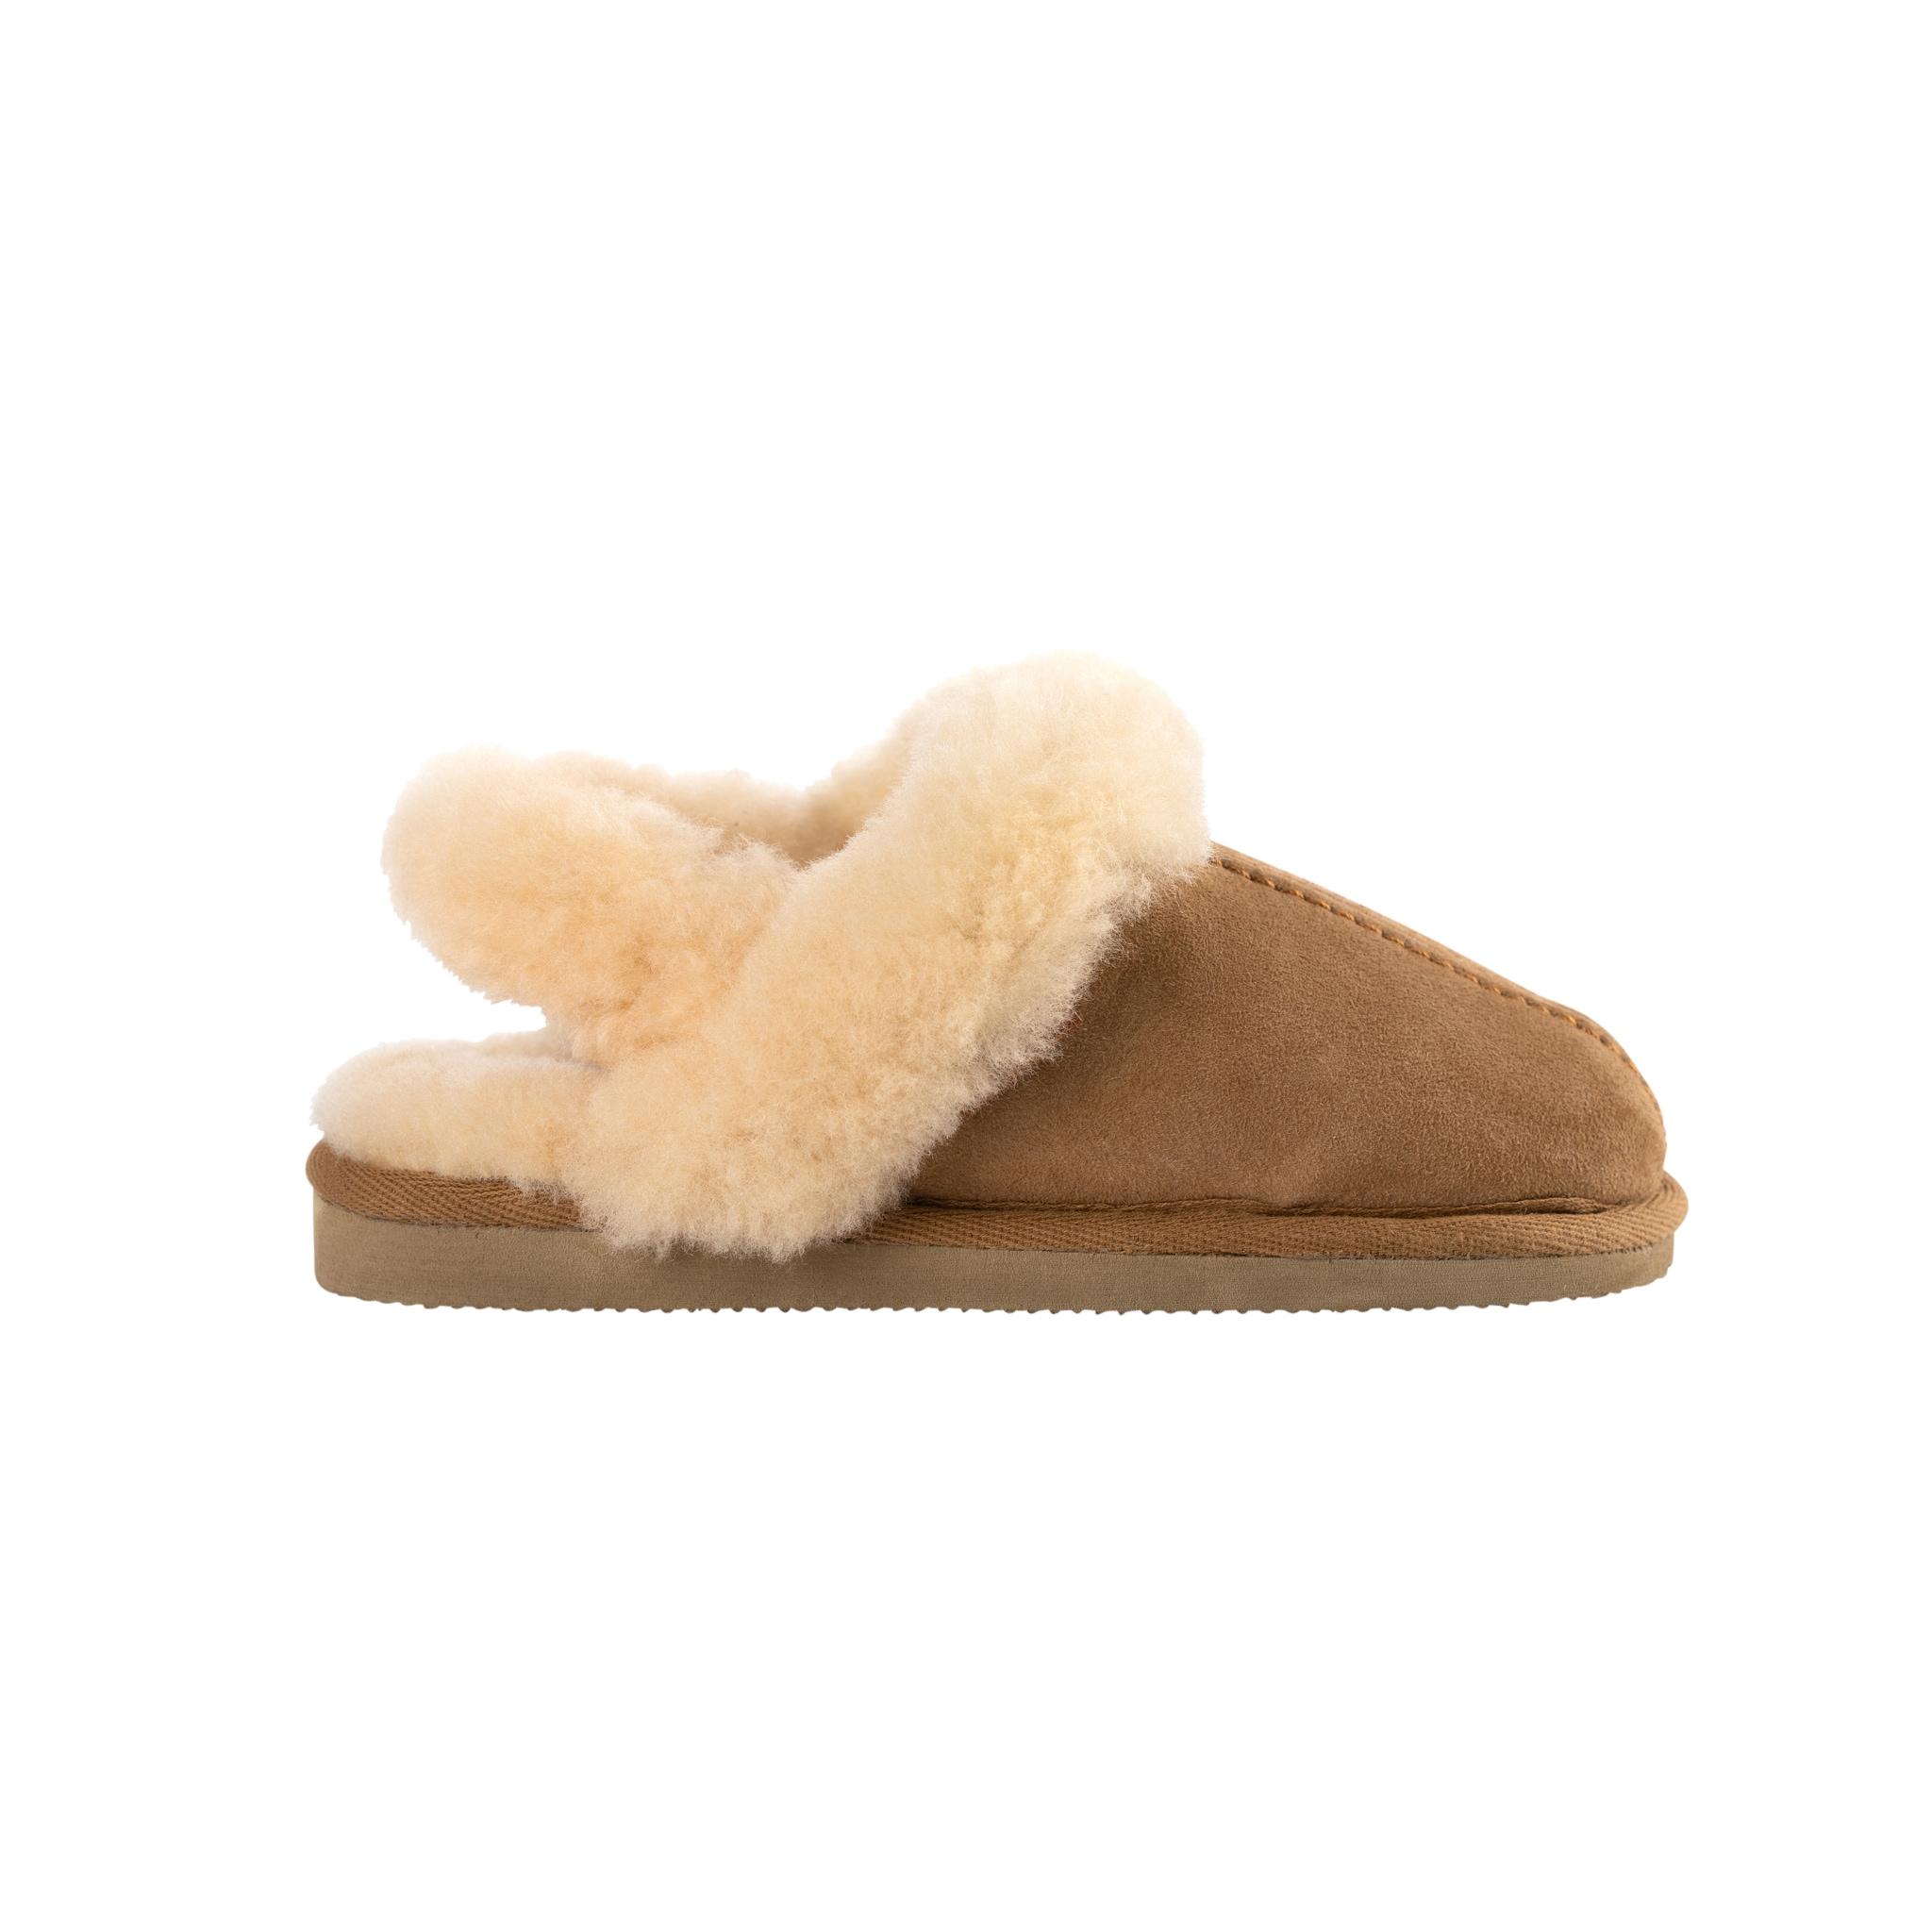 Helsingborg slippers Chestnut